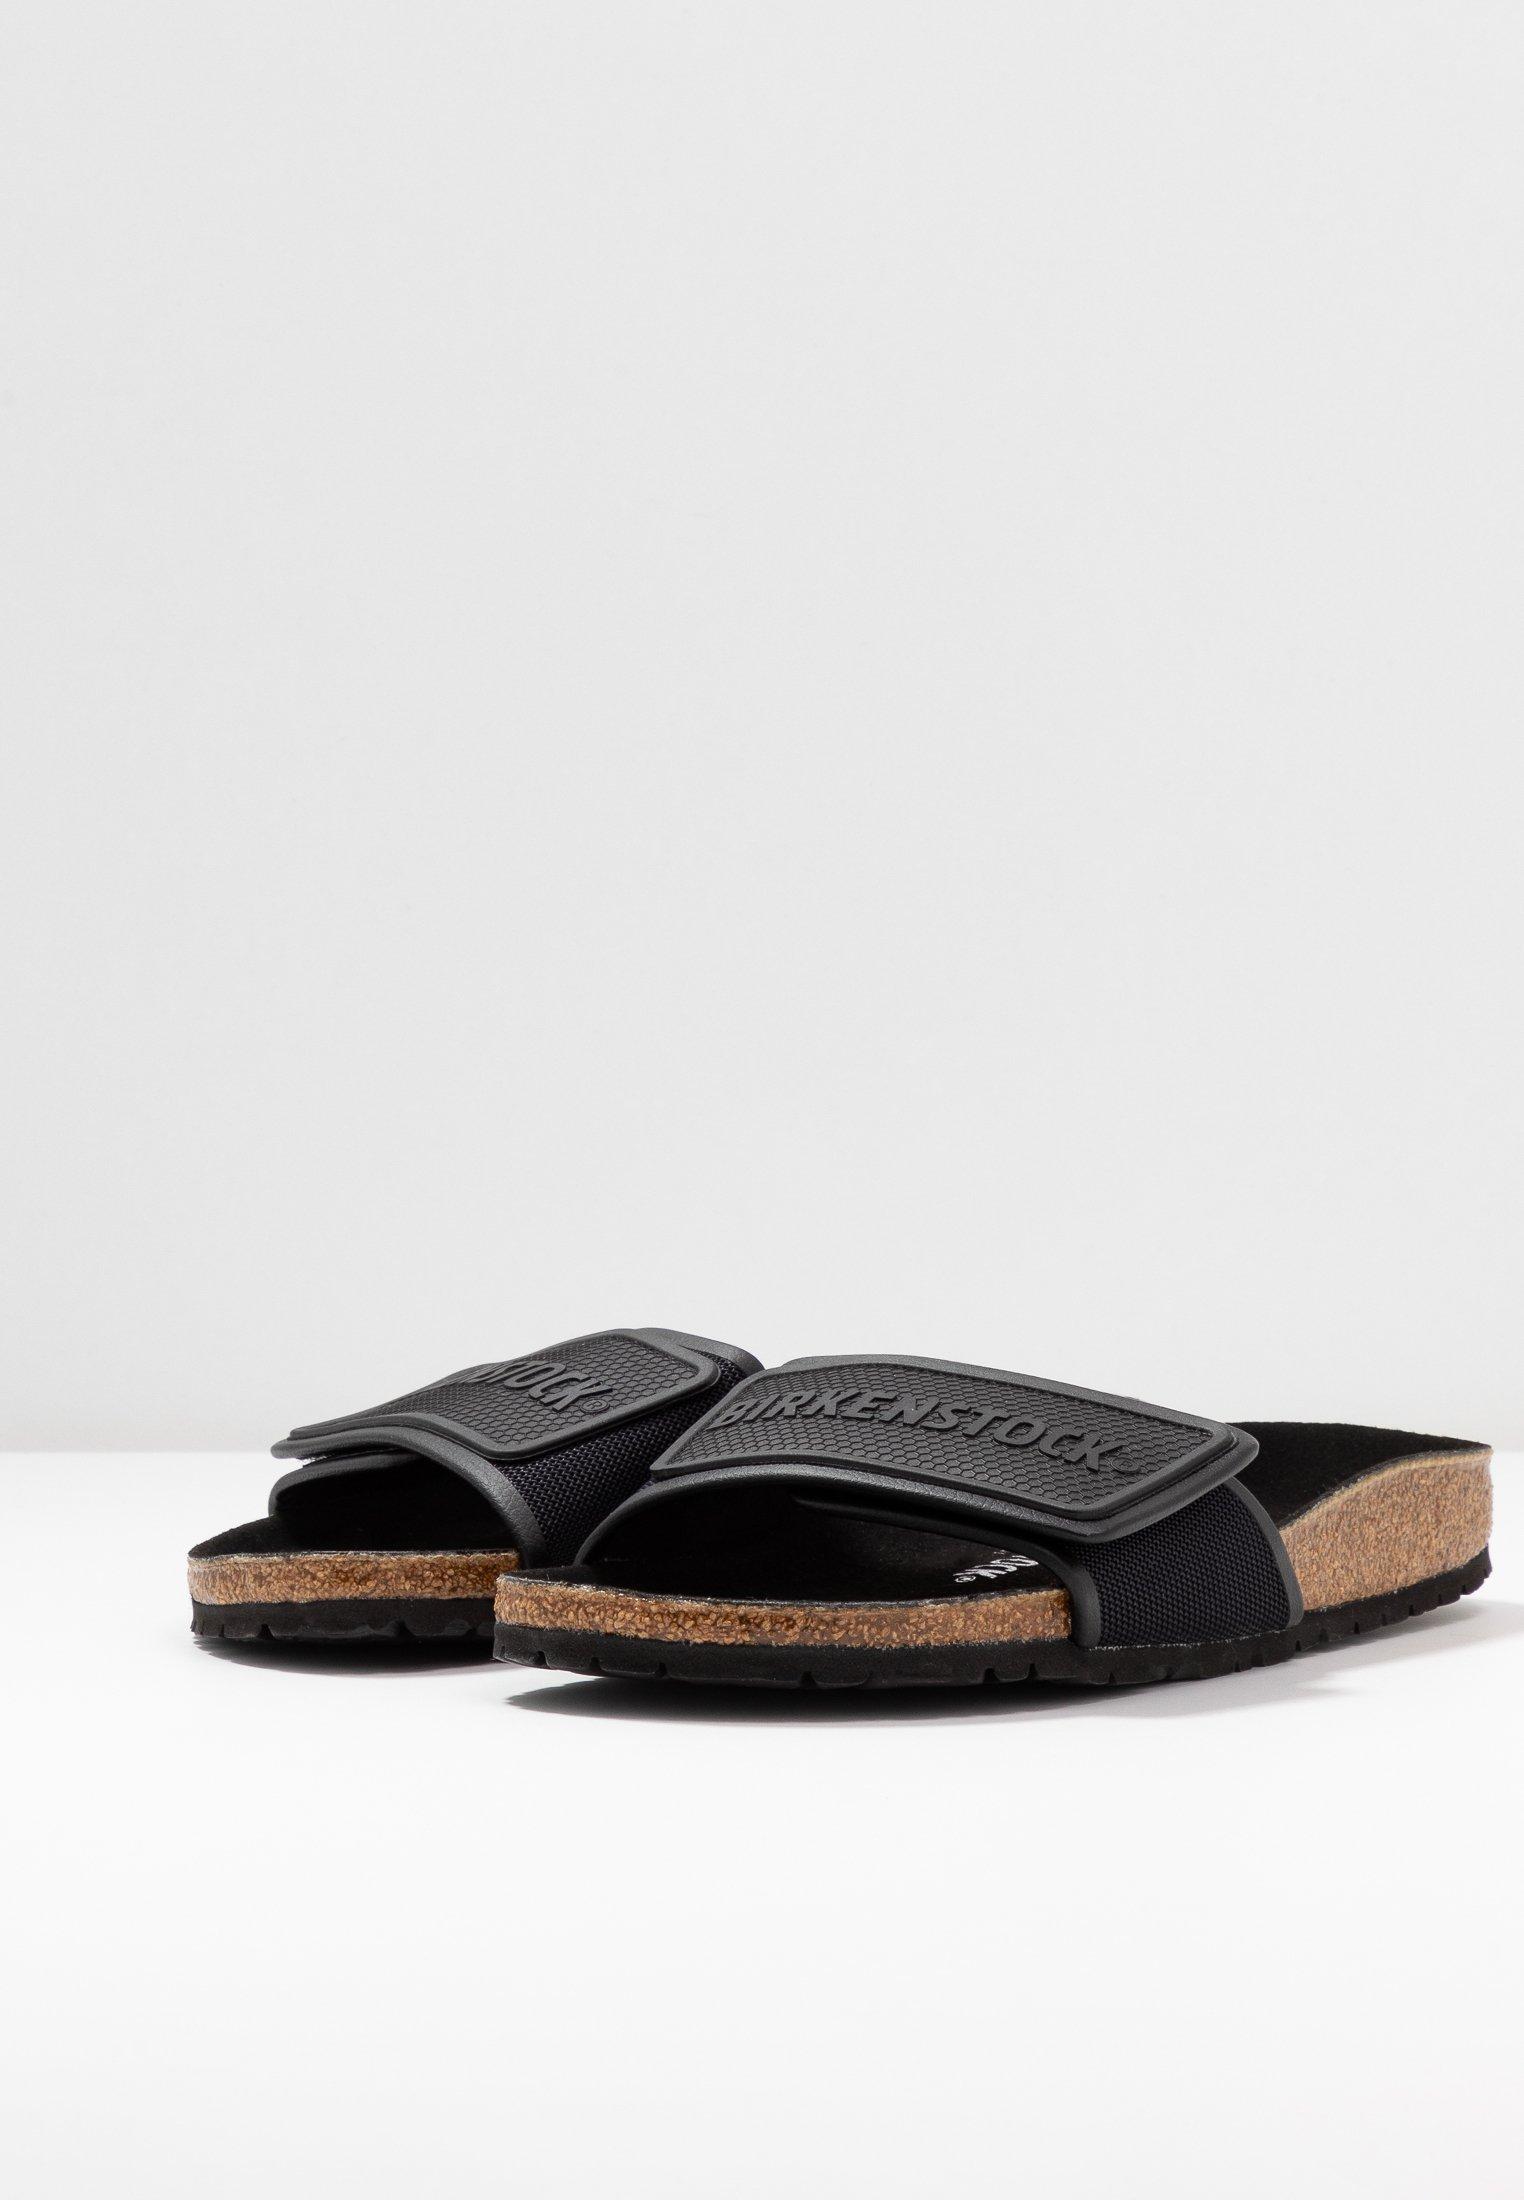 Birkenstock TEMA Pantolette flach black/schwarz